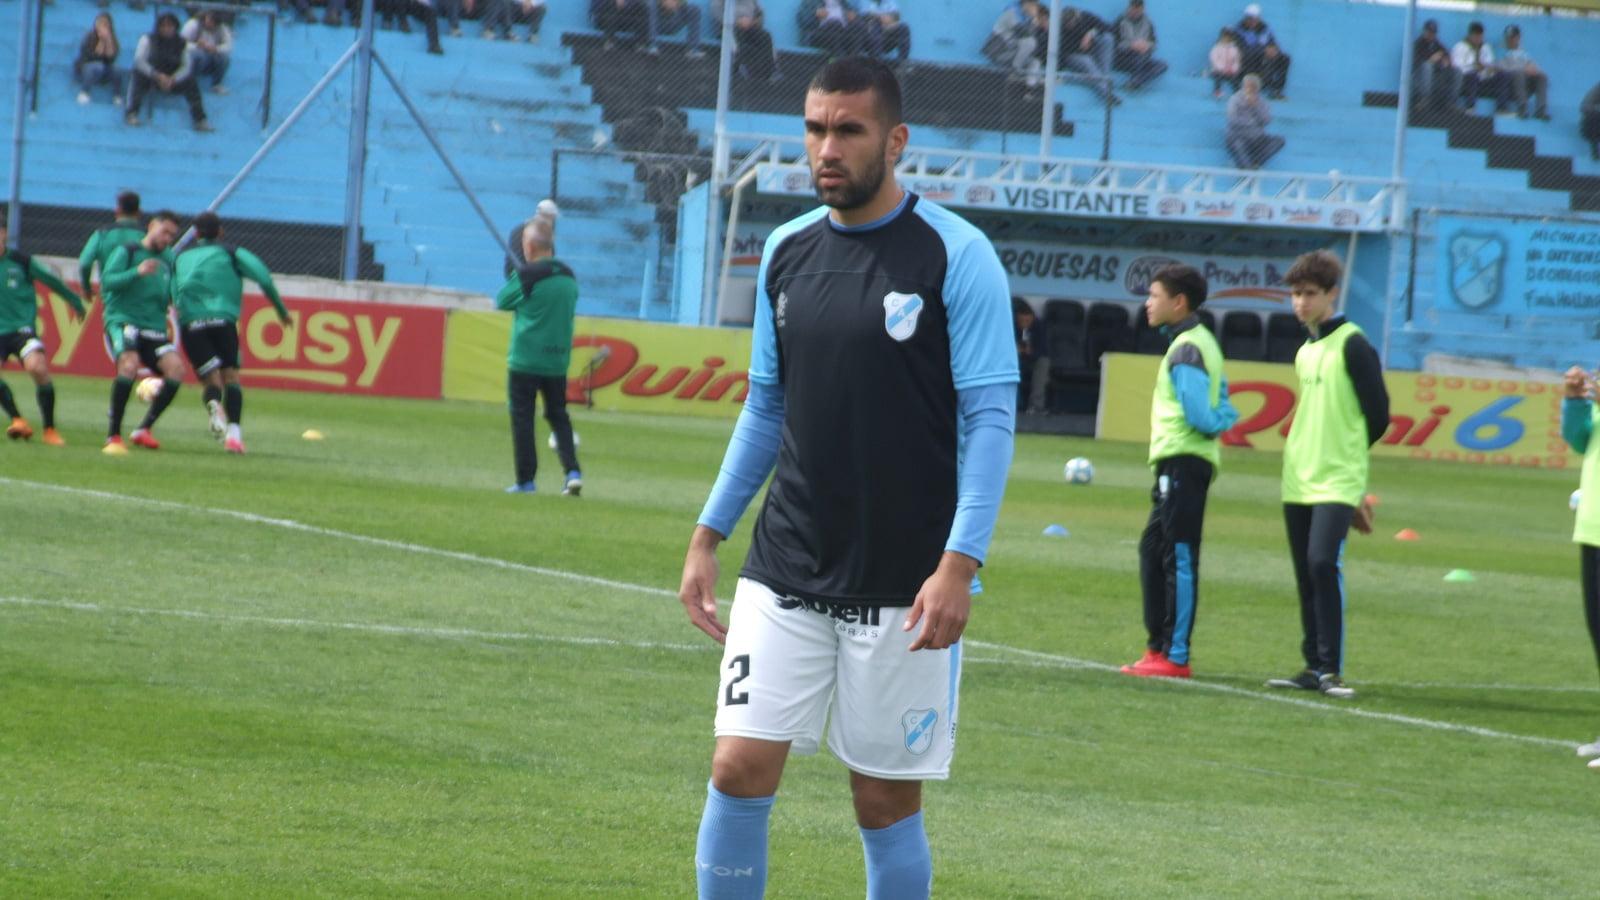 Enzo Baglivo